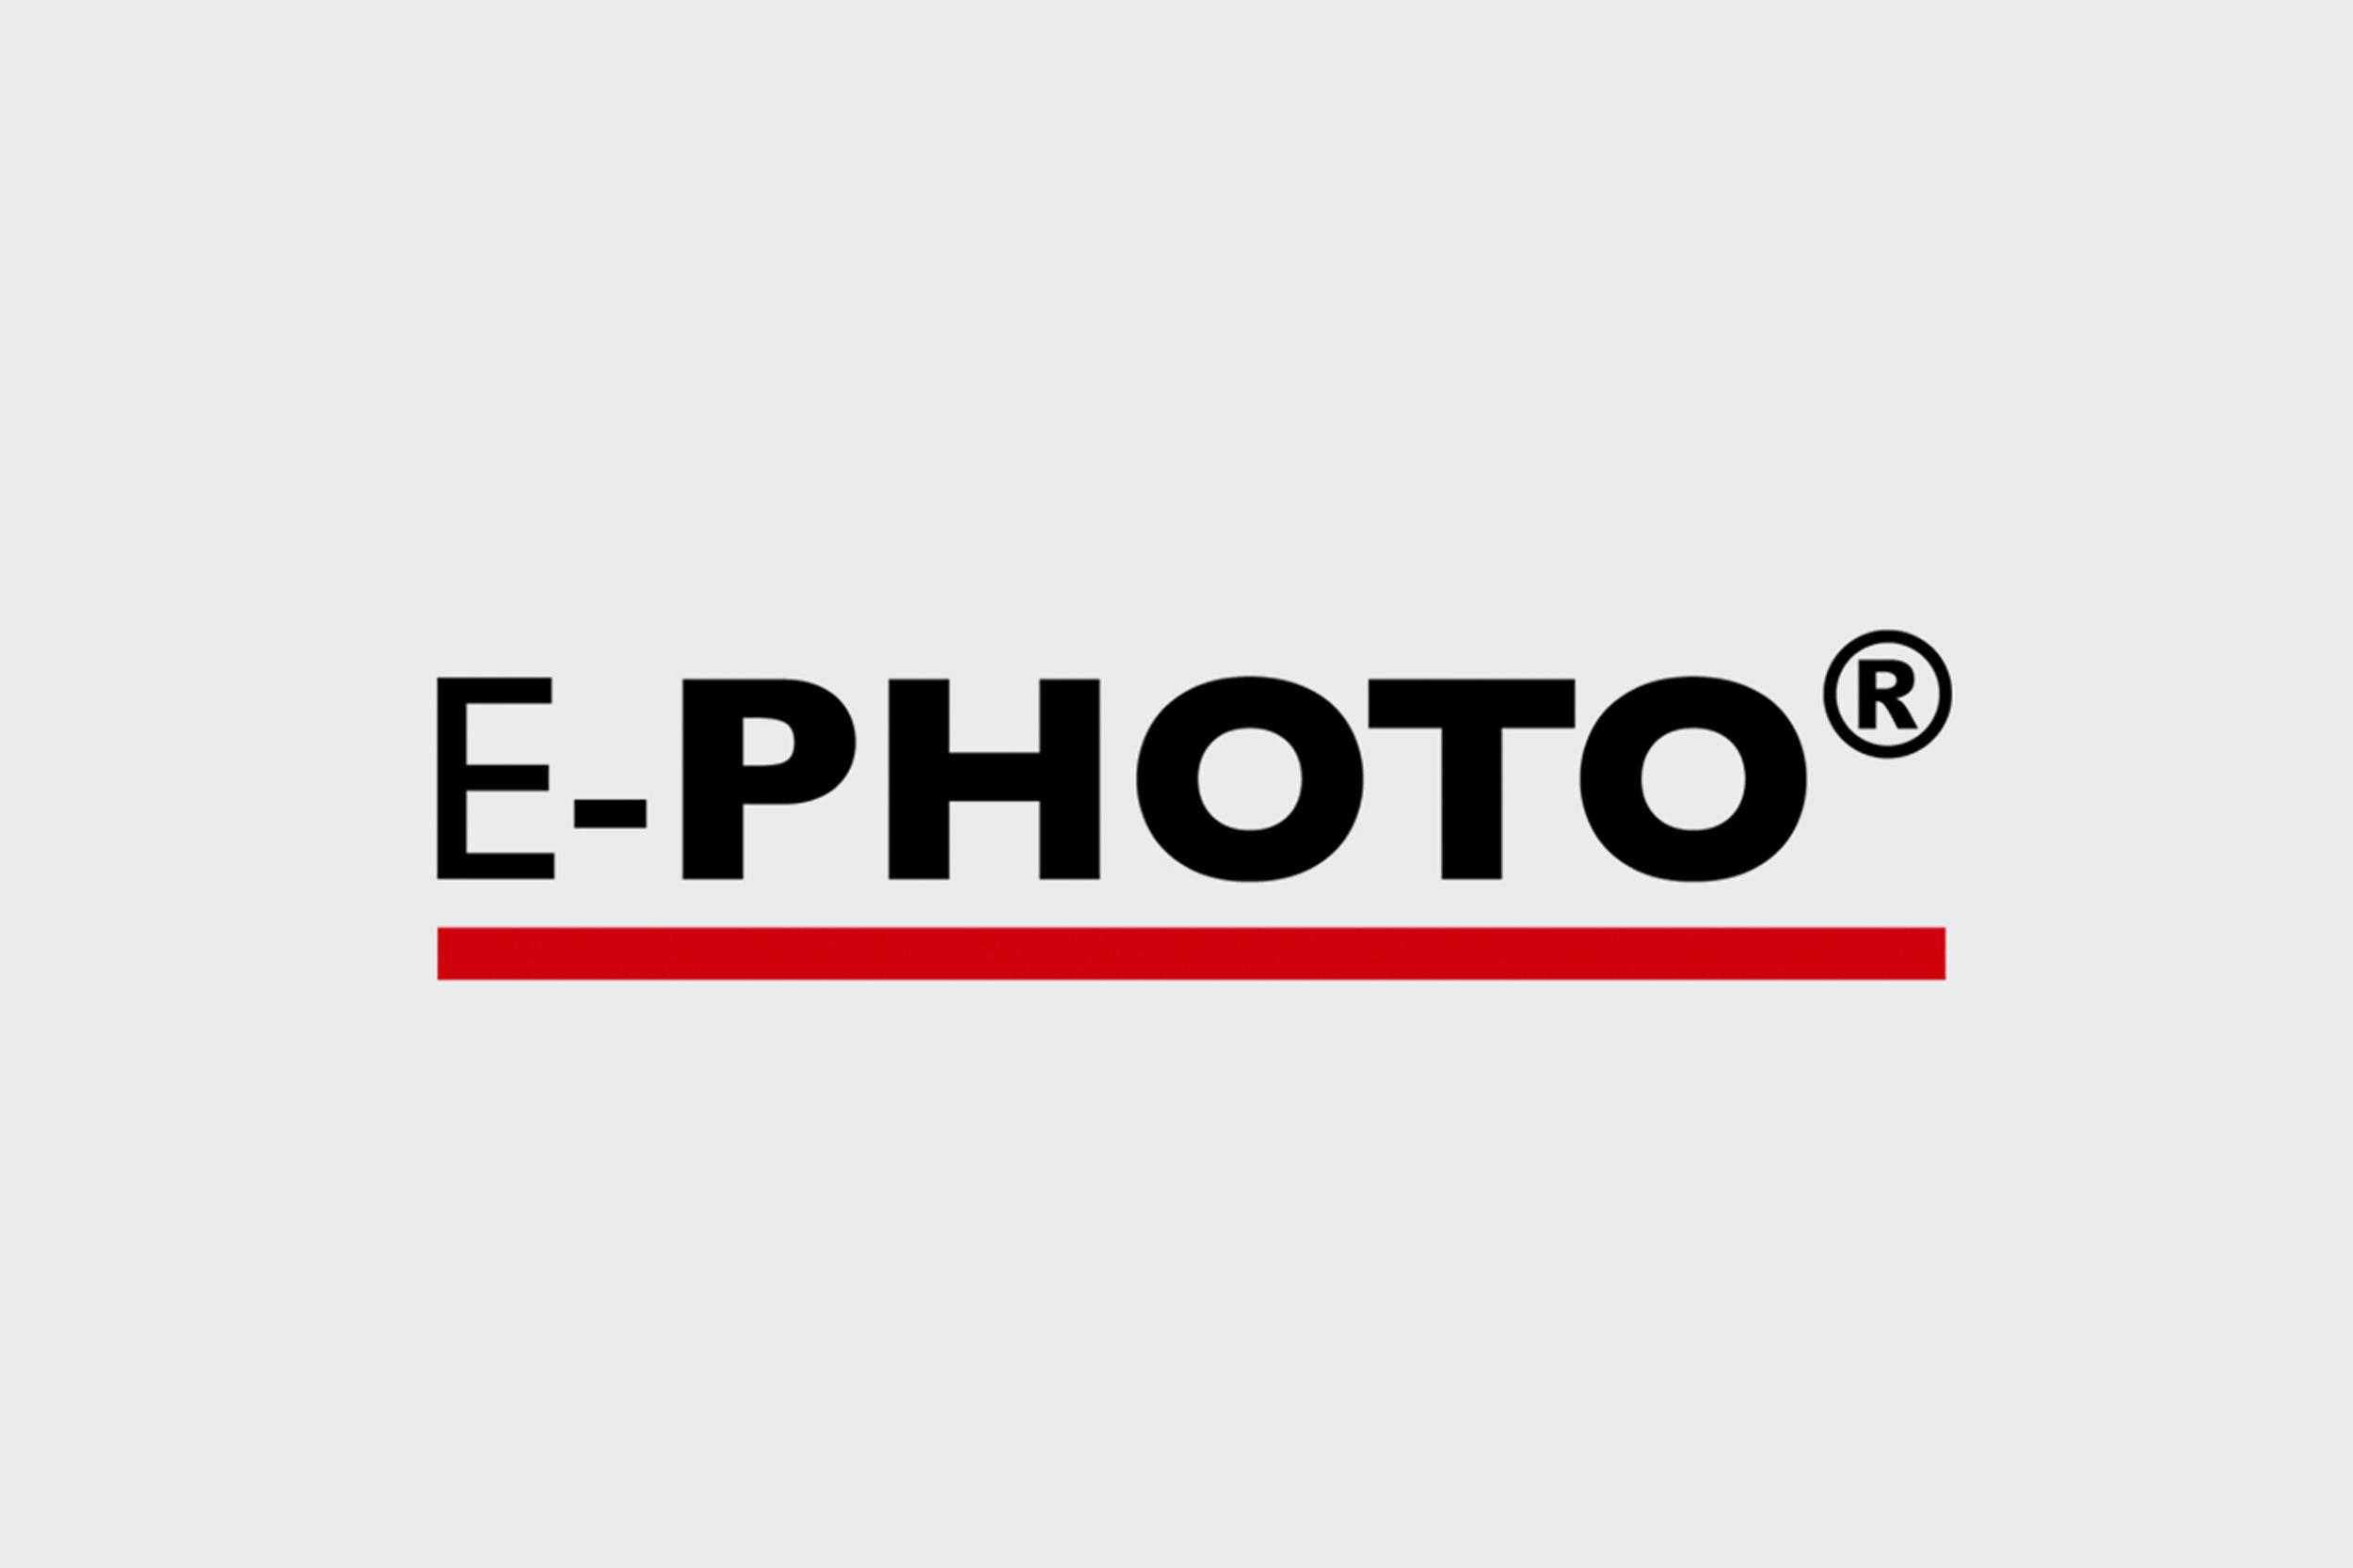 e photo logo